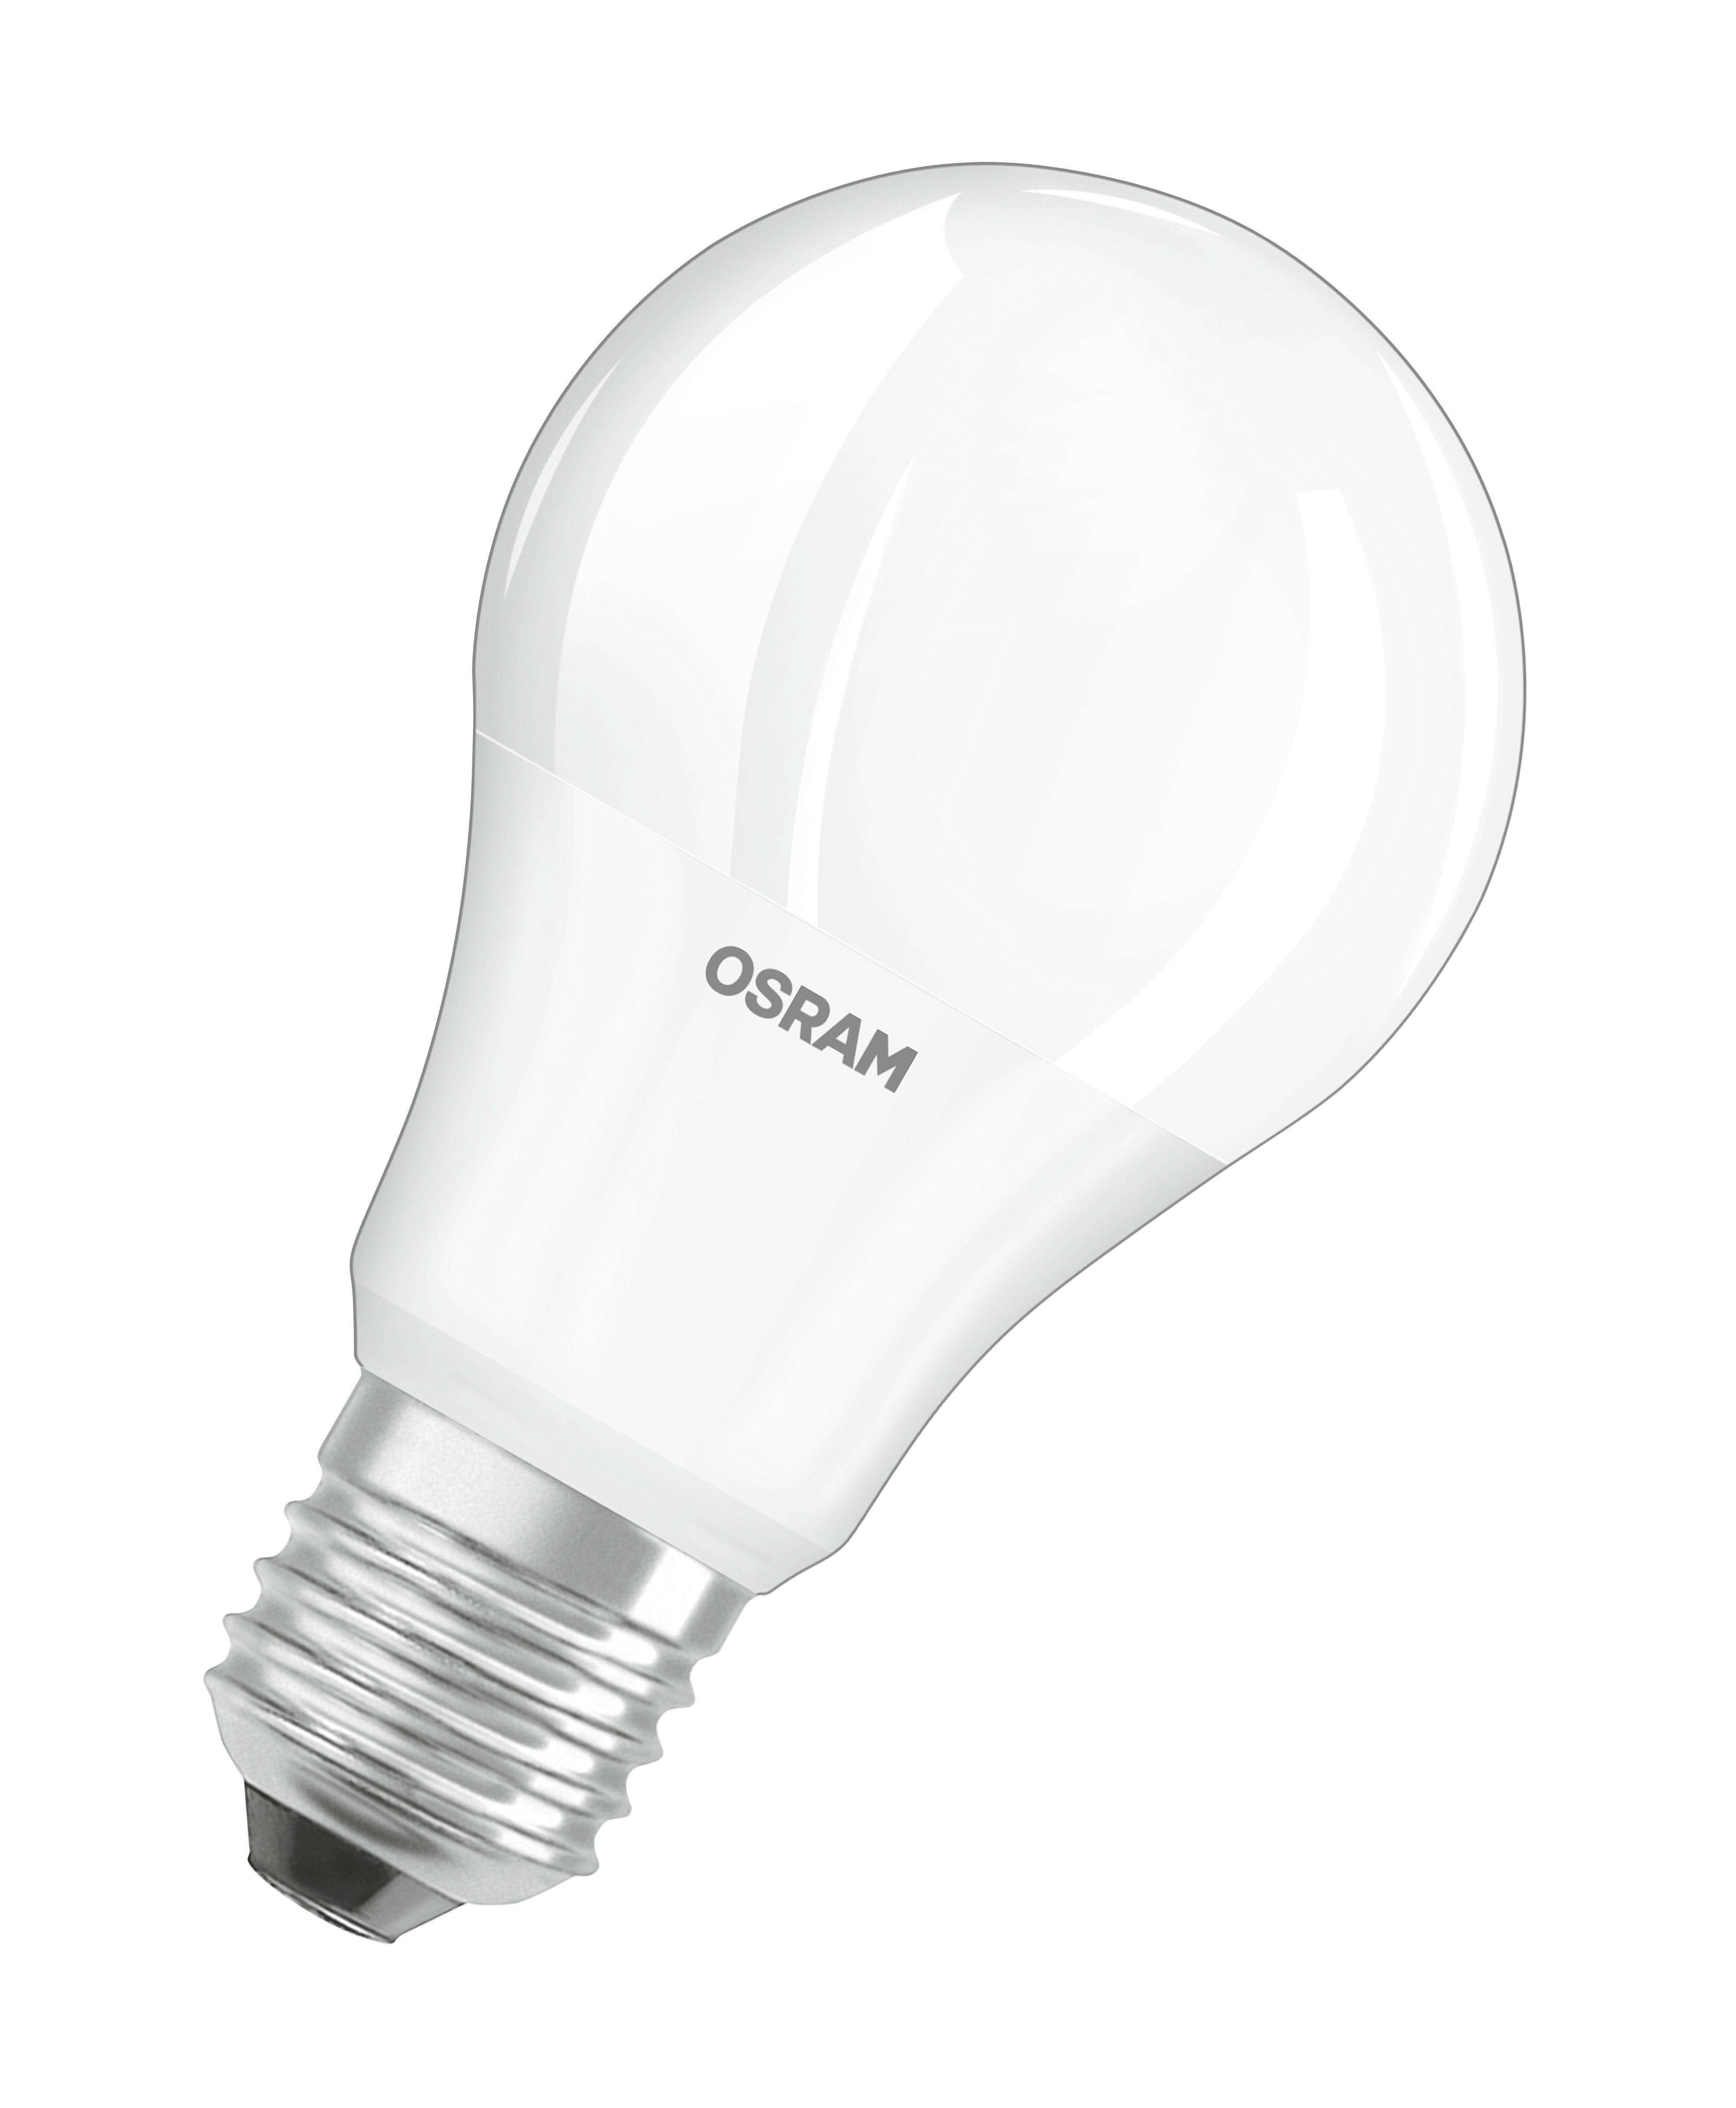 Купить Лампа светодиодная Osram LSCLA75 9, 5W/827 230VFR E27 10X1 RUOsram теплый-белый, Osram Ledvance